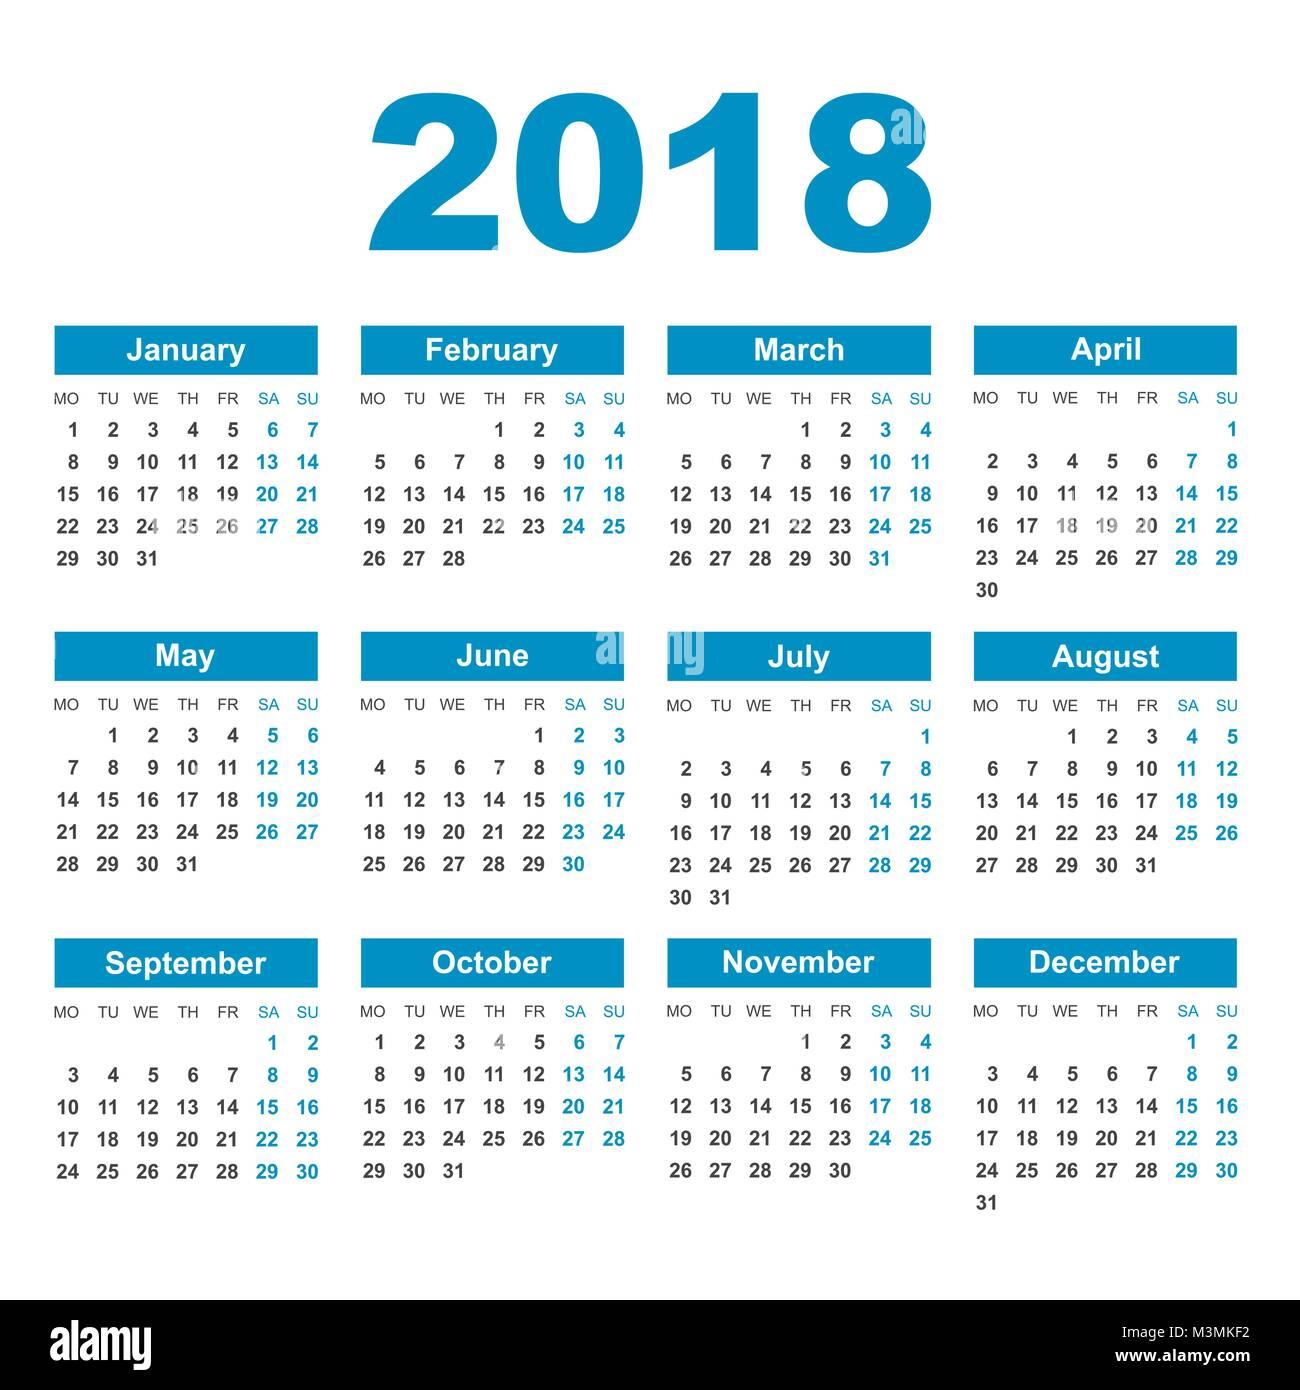 calendar 2018 year in simple style calendar planner design template